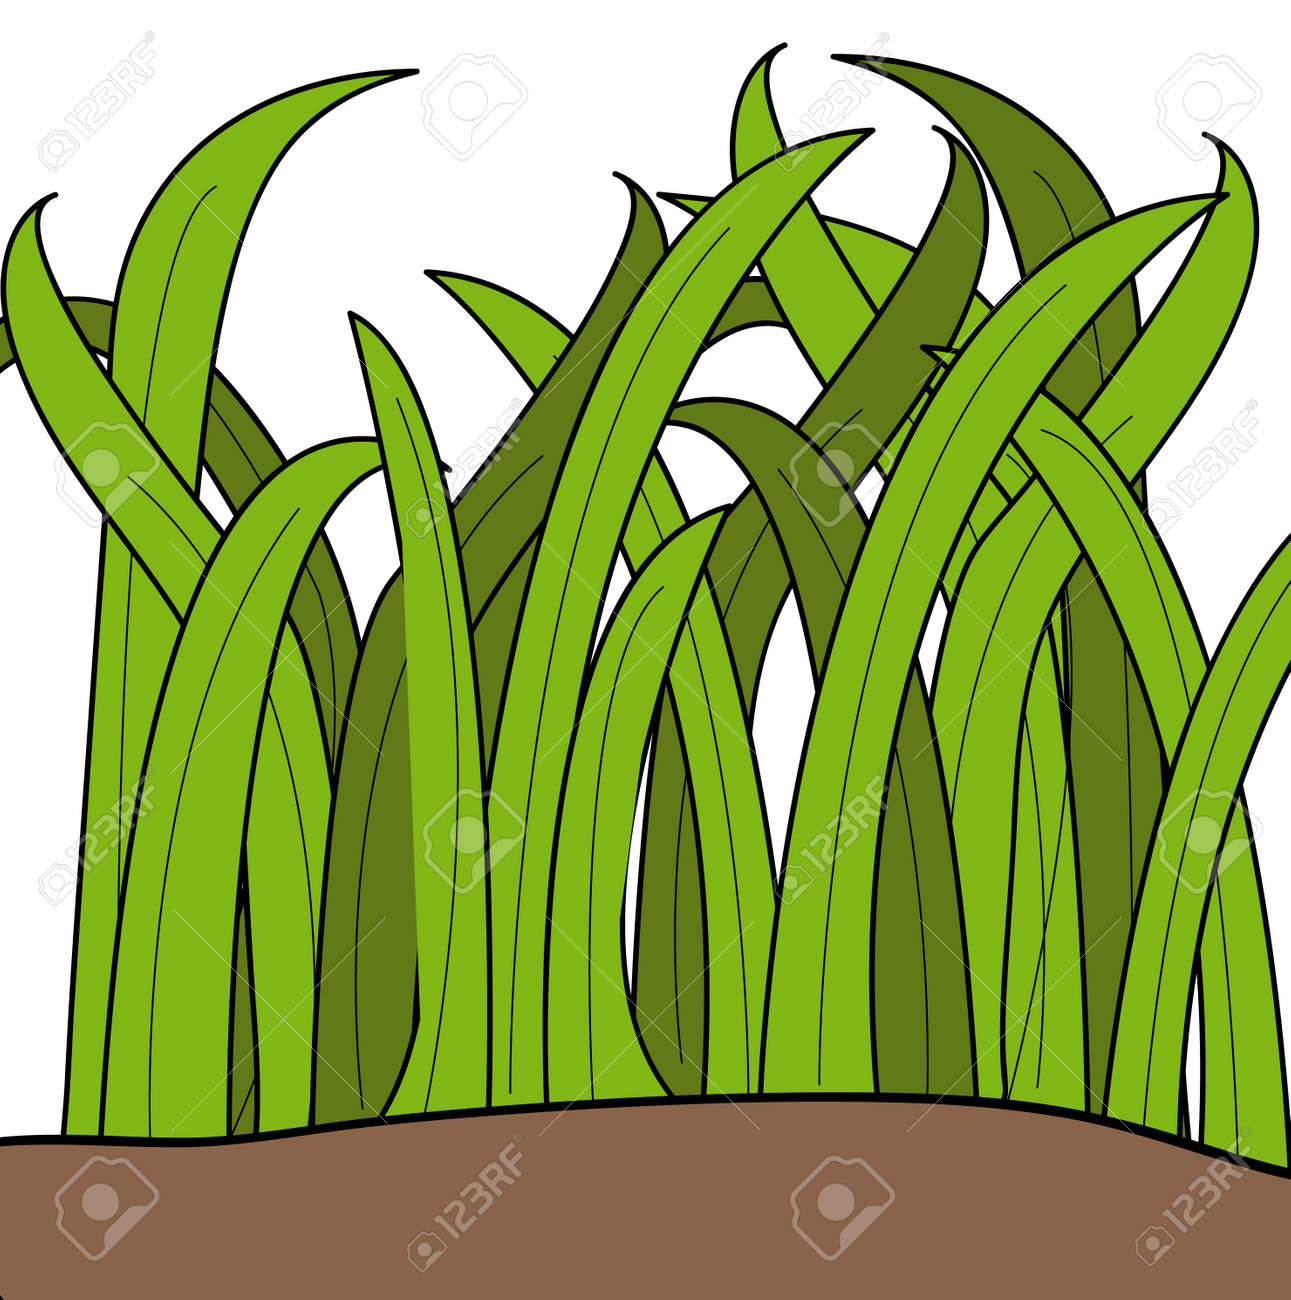 dibujos animados dibujo de hojas de la hierba verde - vector Foto de archivo - 2733648